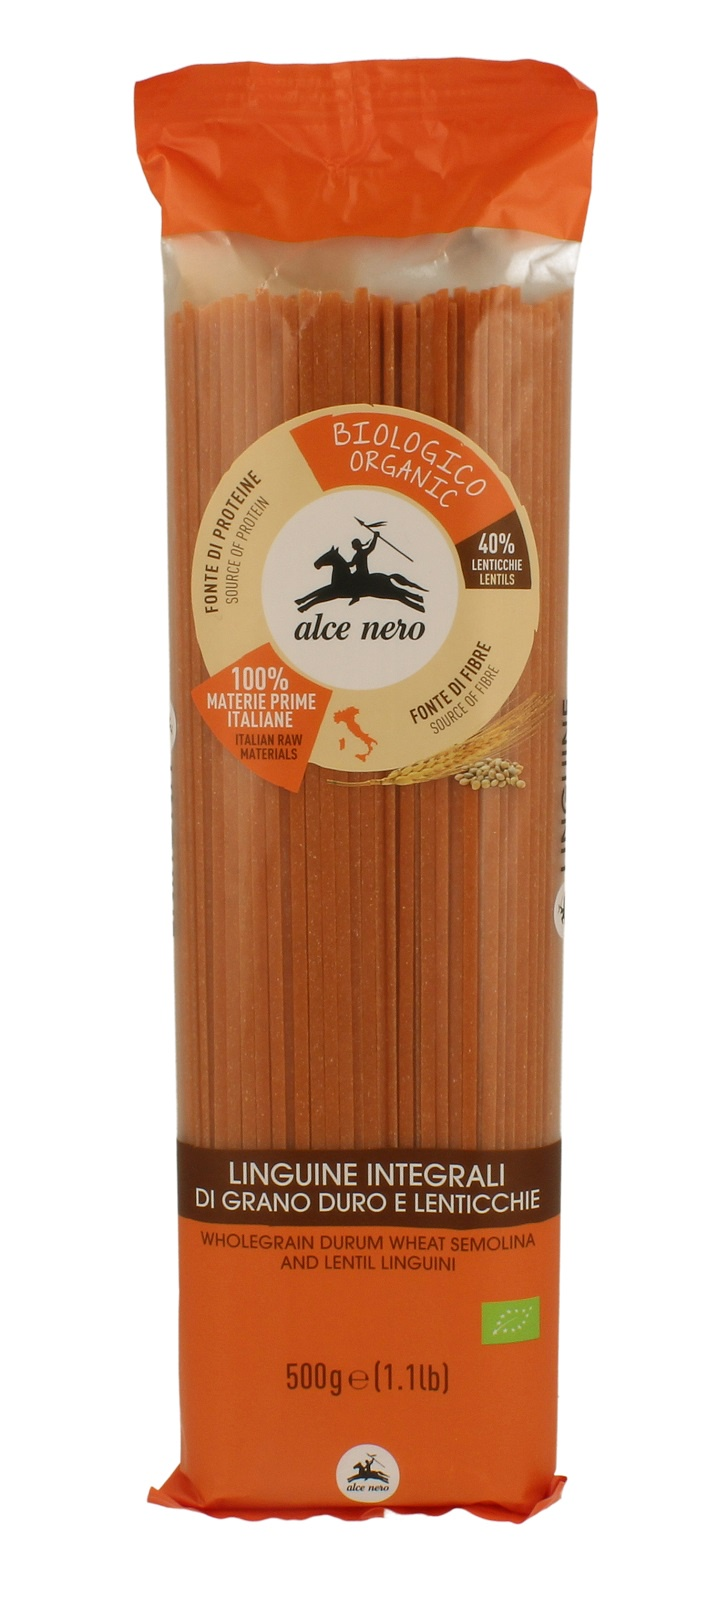 Alce Nero БИО Макаронные изделия ЛИНГВИНИ из цельной пшеницы и чечевицы, полимерный пакет 500 г